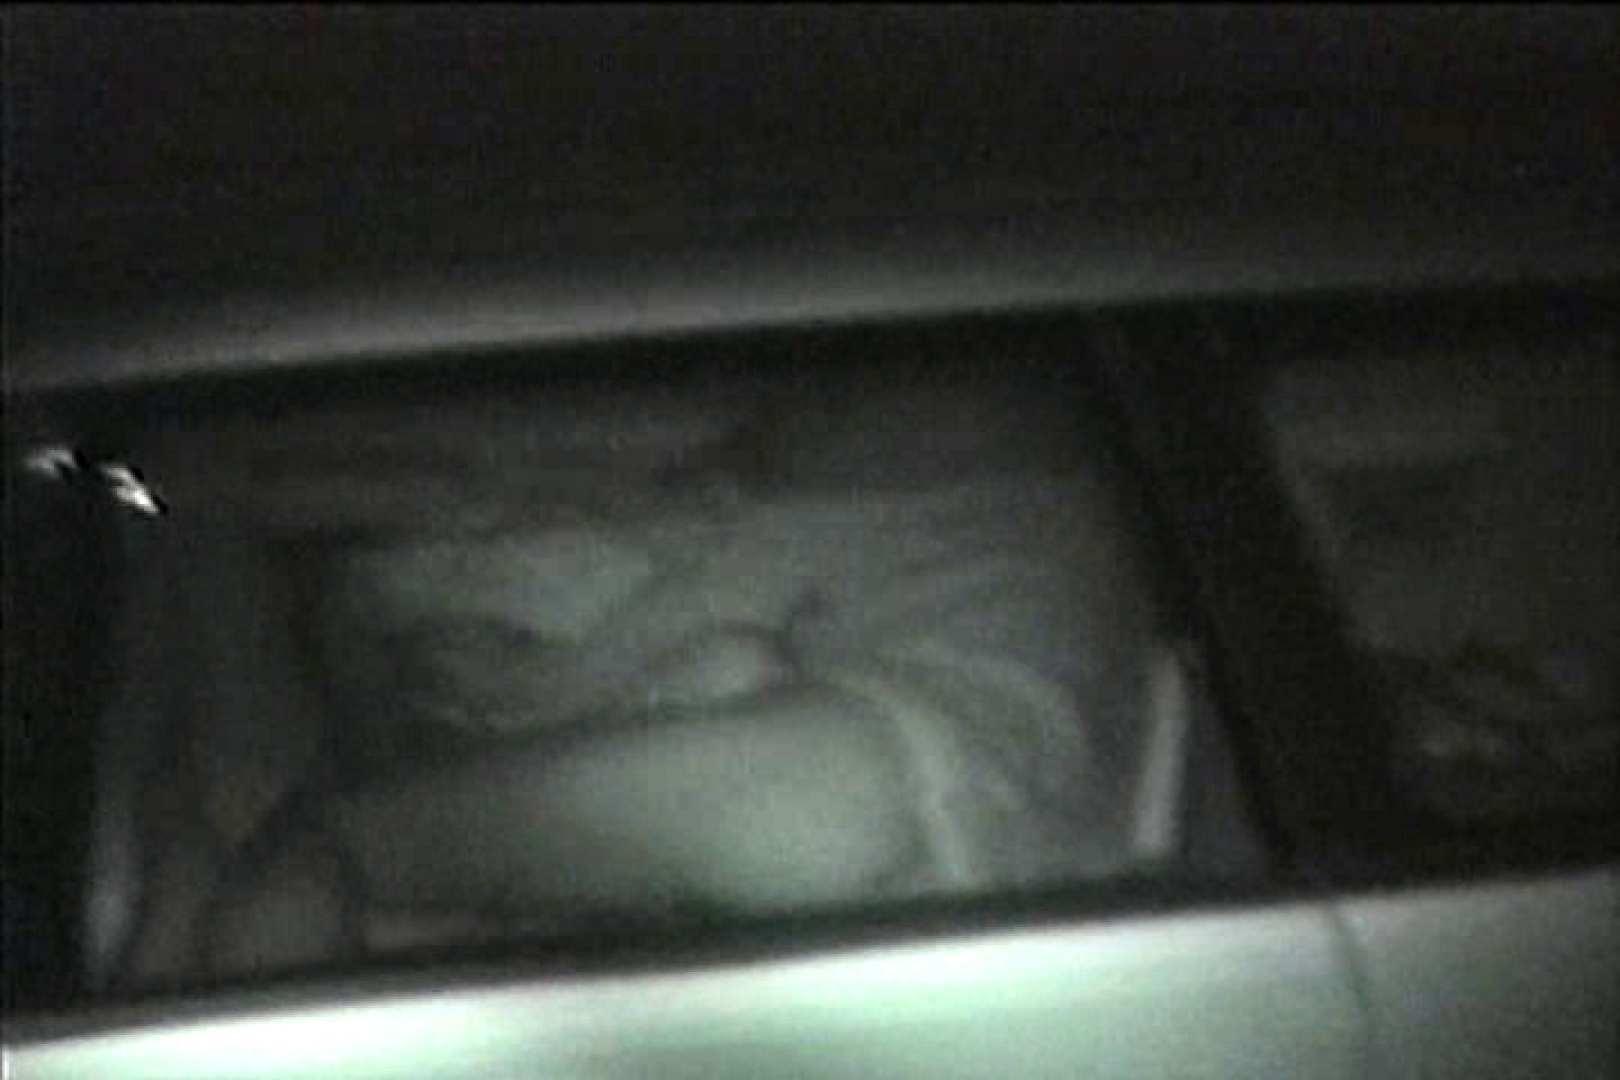 車の中はラブホテル 無修正版  Vol.7 車の中のカップル セックス無修正動画無料 59画像 36